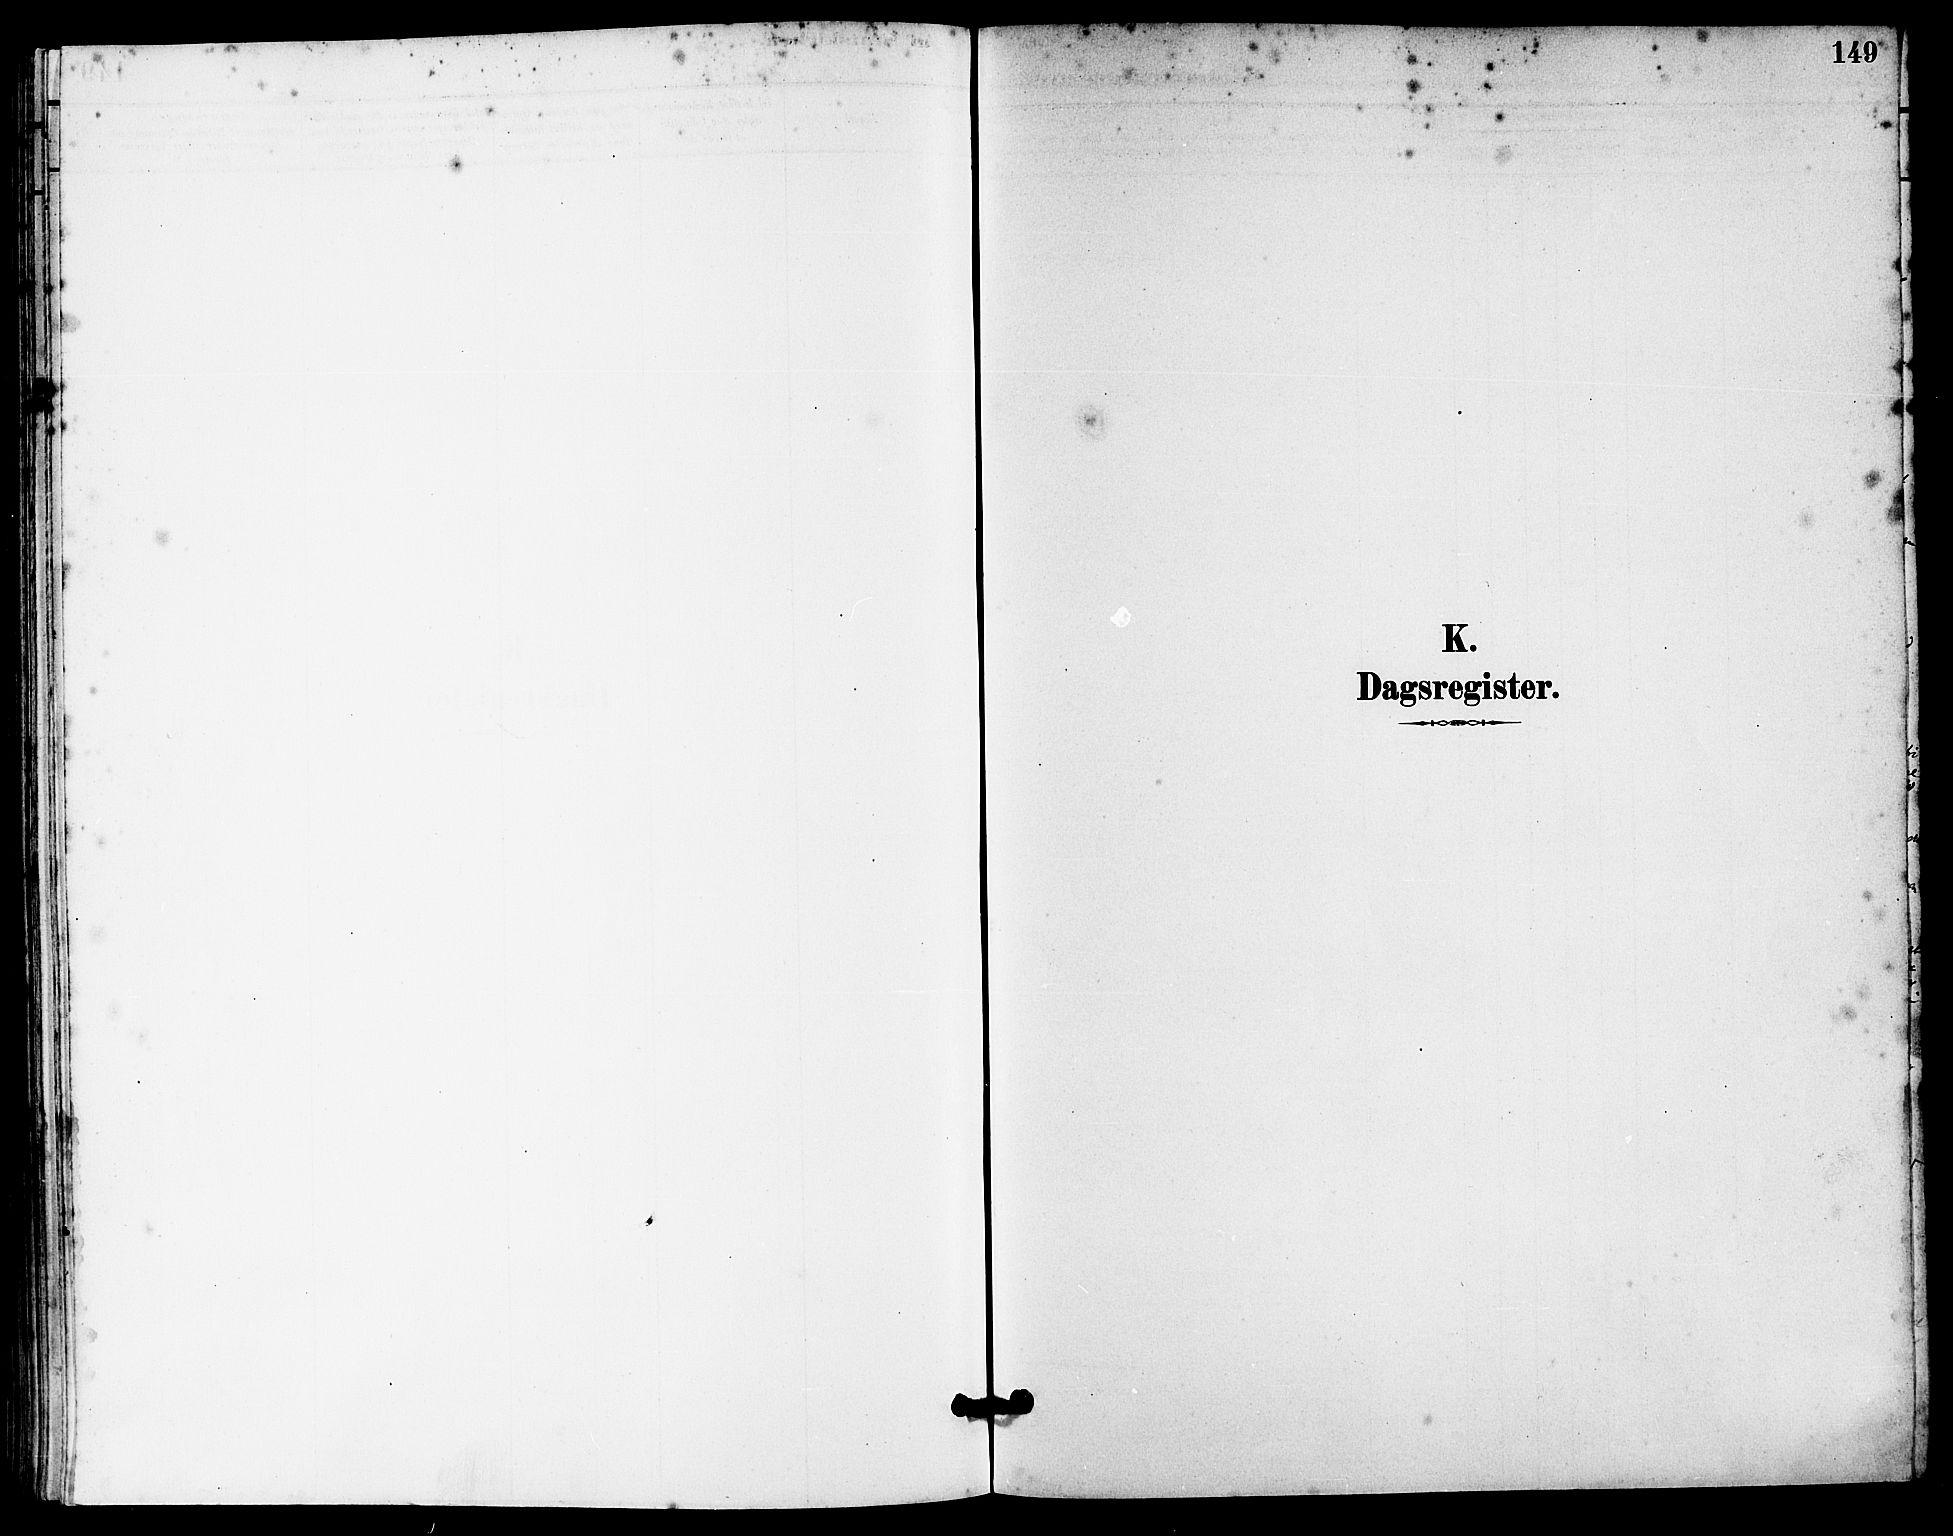 SAST, Håland sokneprestkontor, 30BA/L0010: Ministerialbok nr. A 9, 1883-1888, s. 149